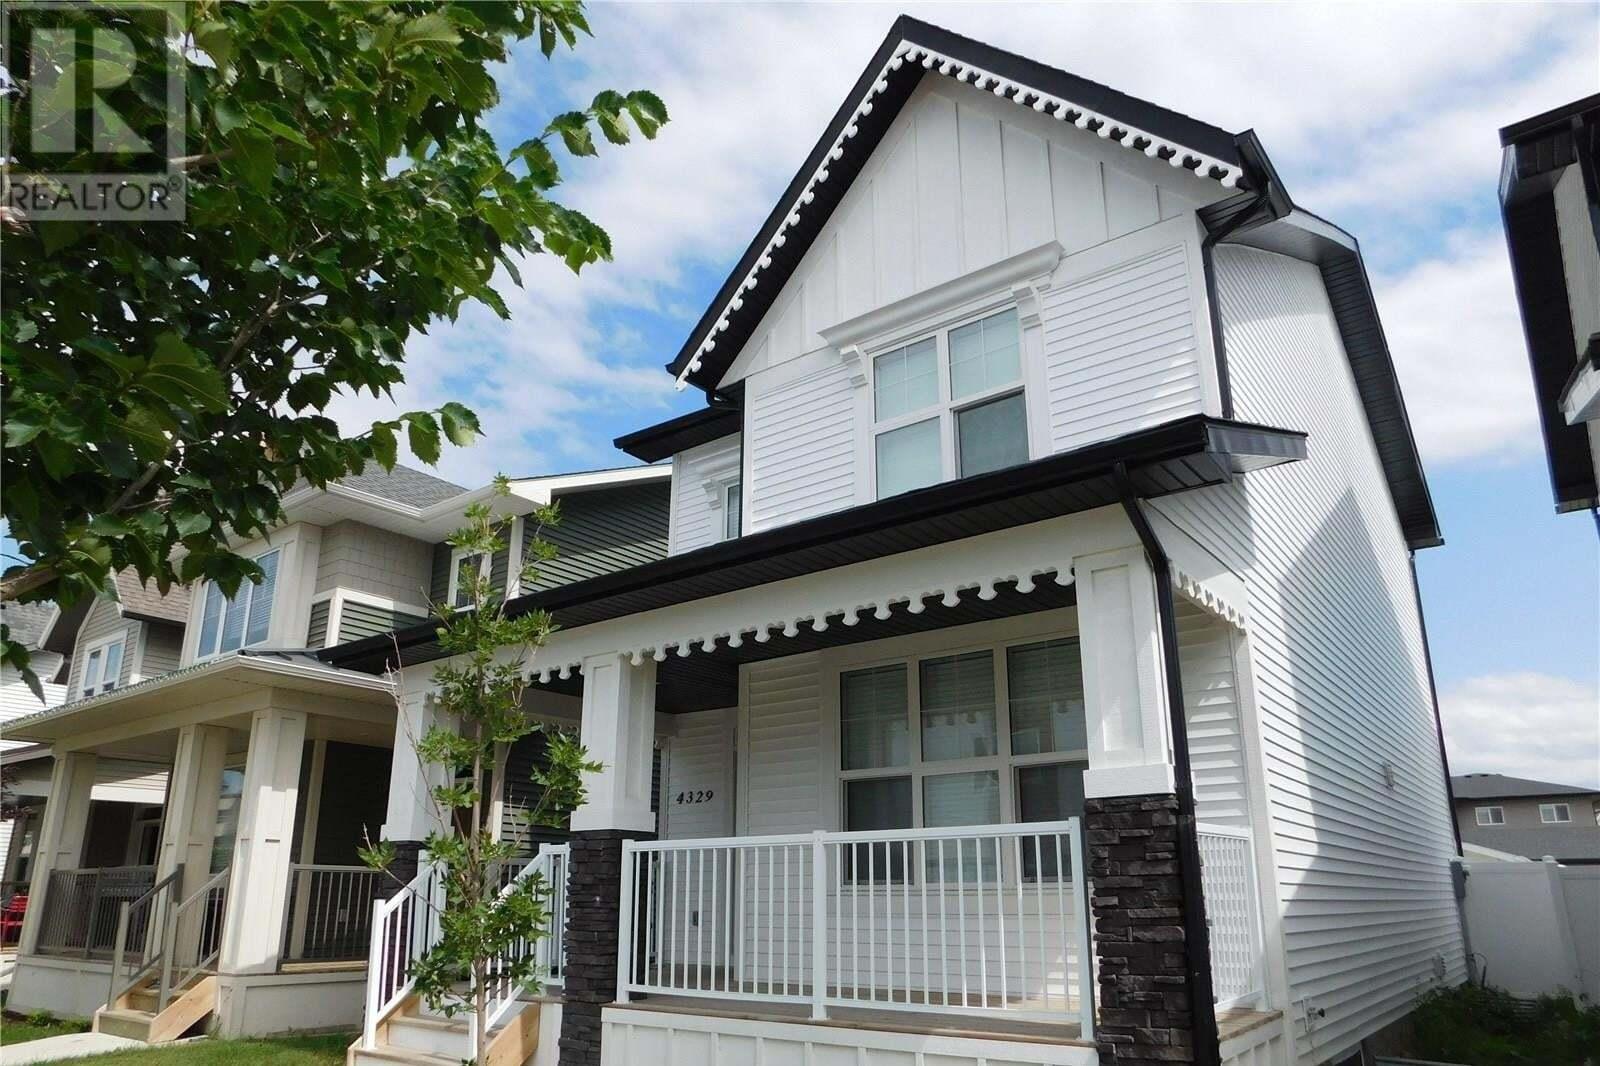 House for sale at 4329 Senecal Dr Regina Saskatchewan - MLS: SK821073